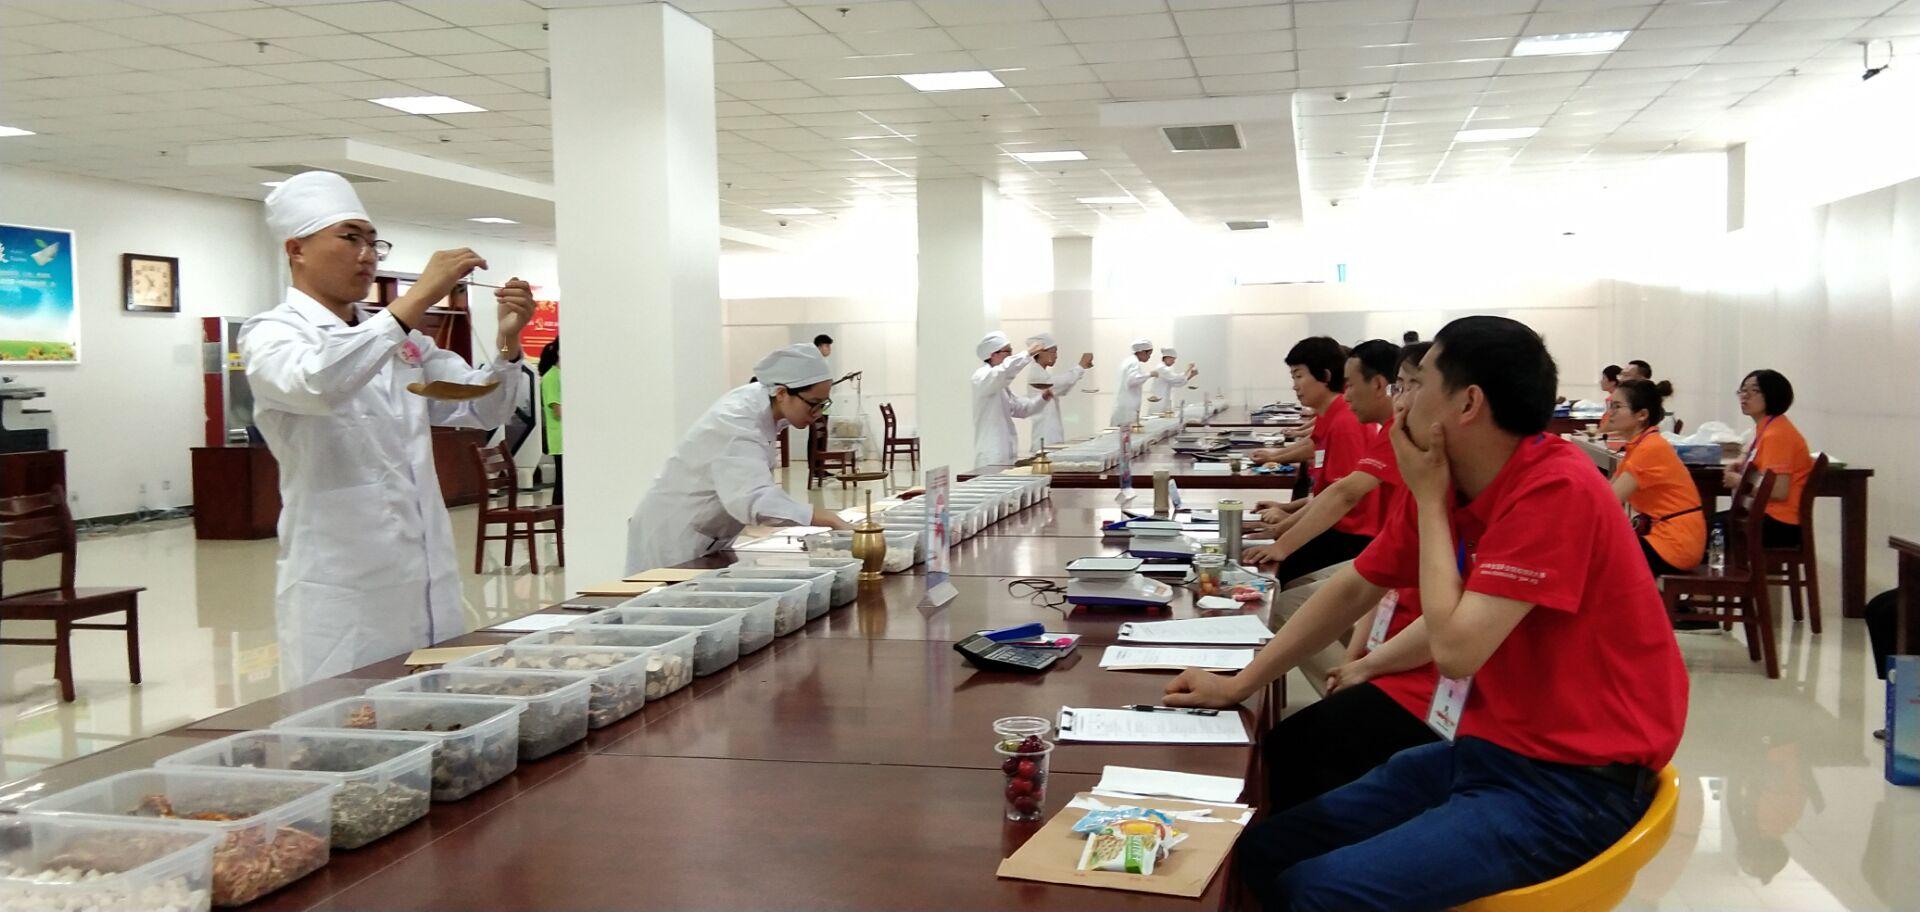 2019年全国职业院校技能大赛中药传统技能赛在烟台举行